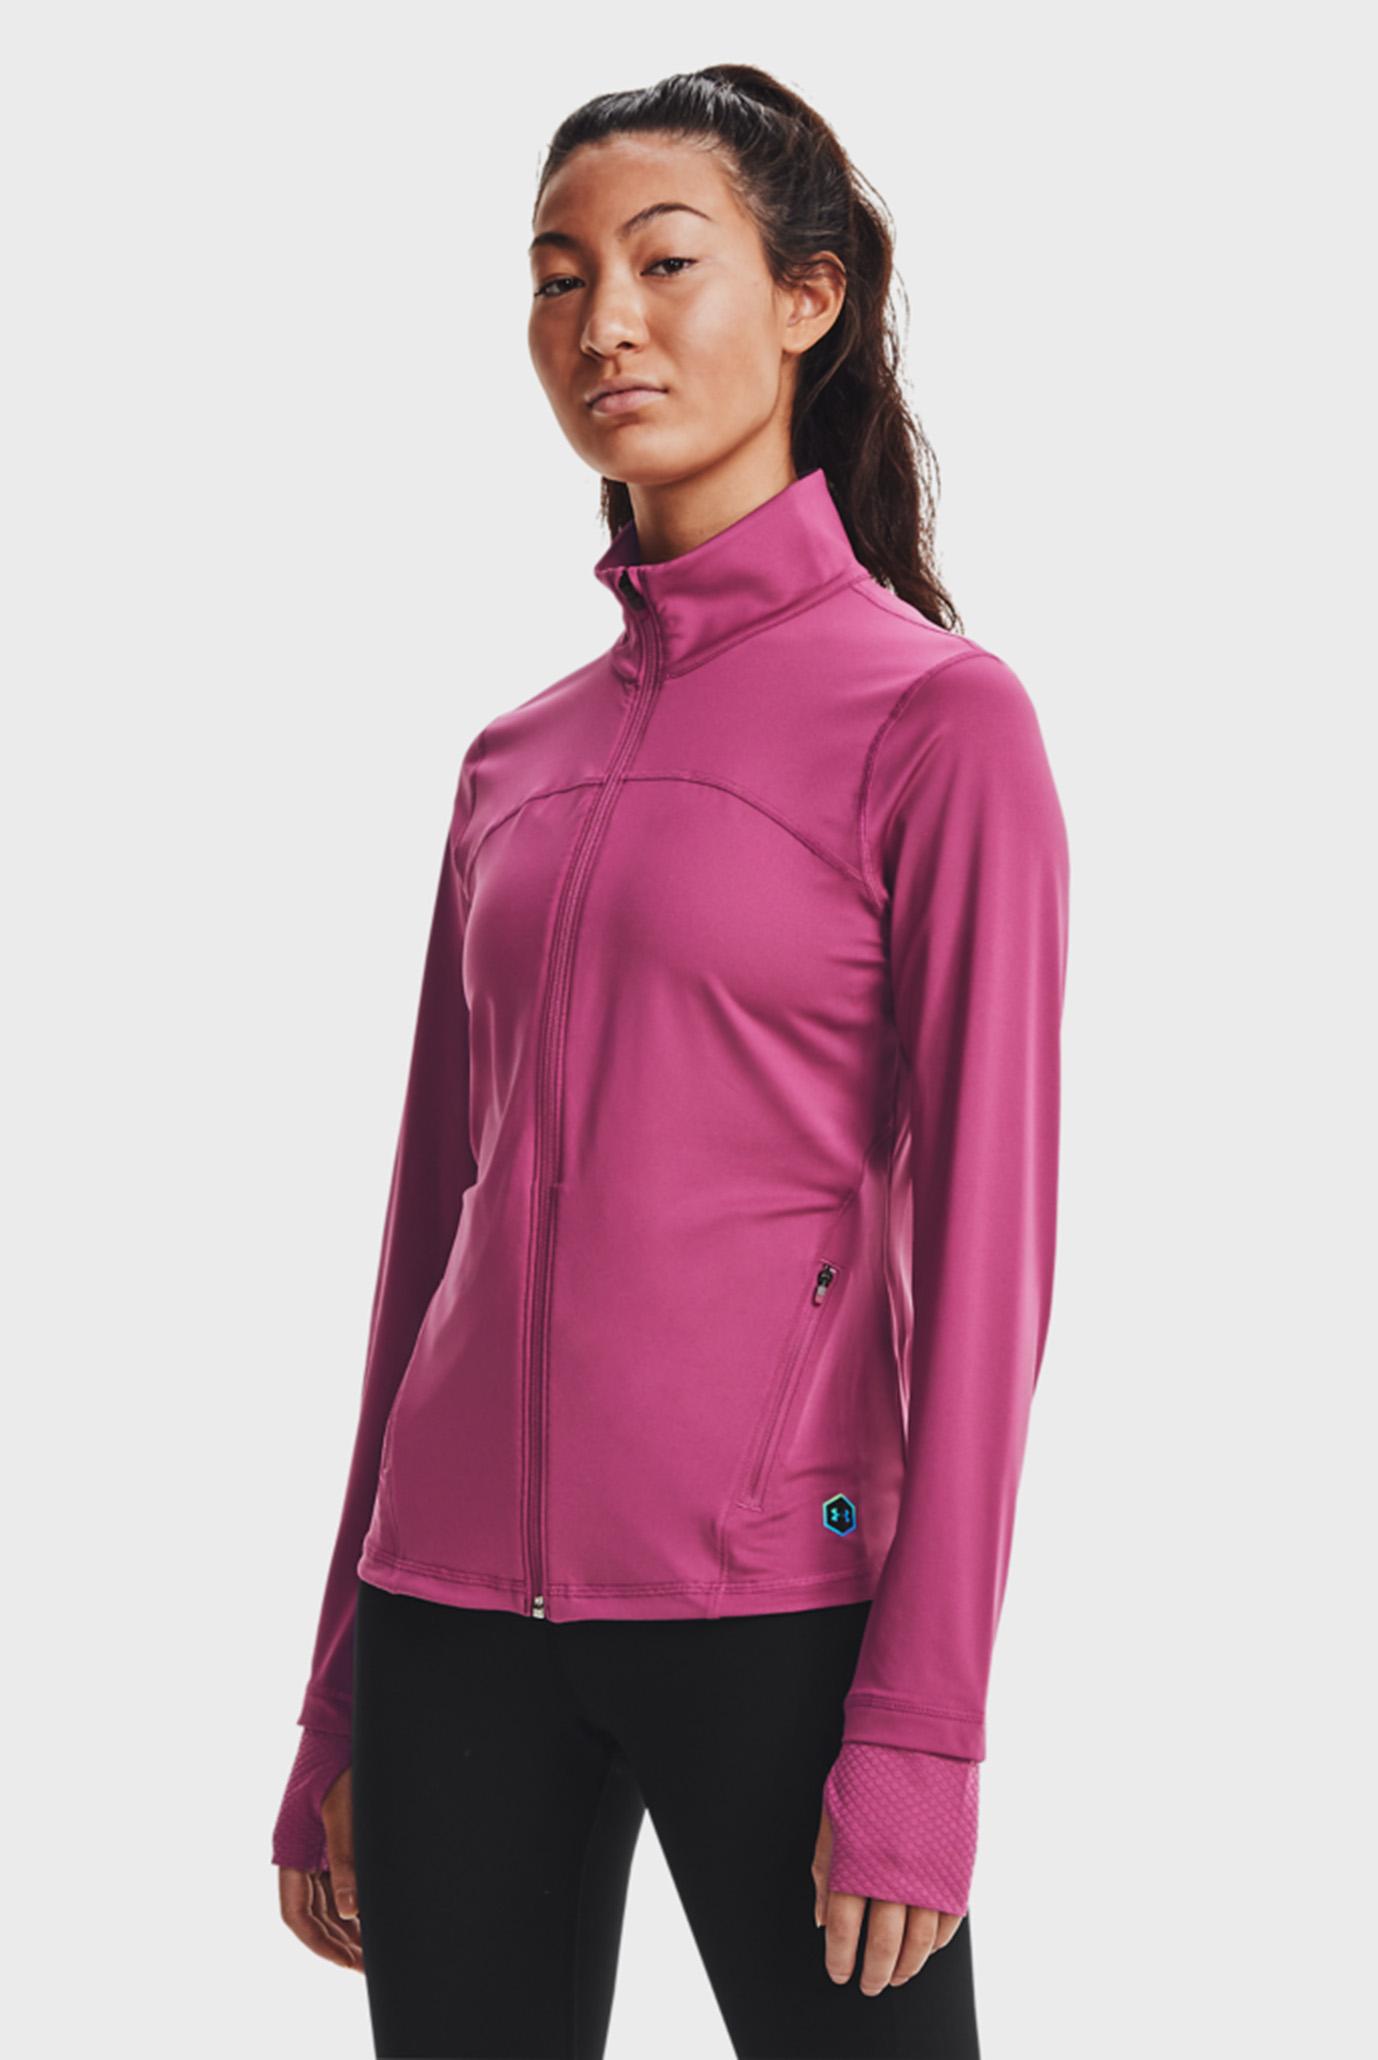 Женская розовая спортивная кофта RUSH FZ 1